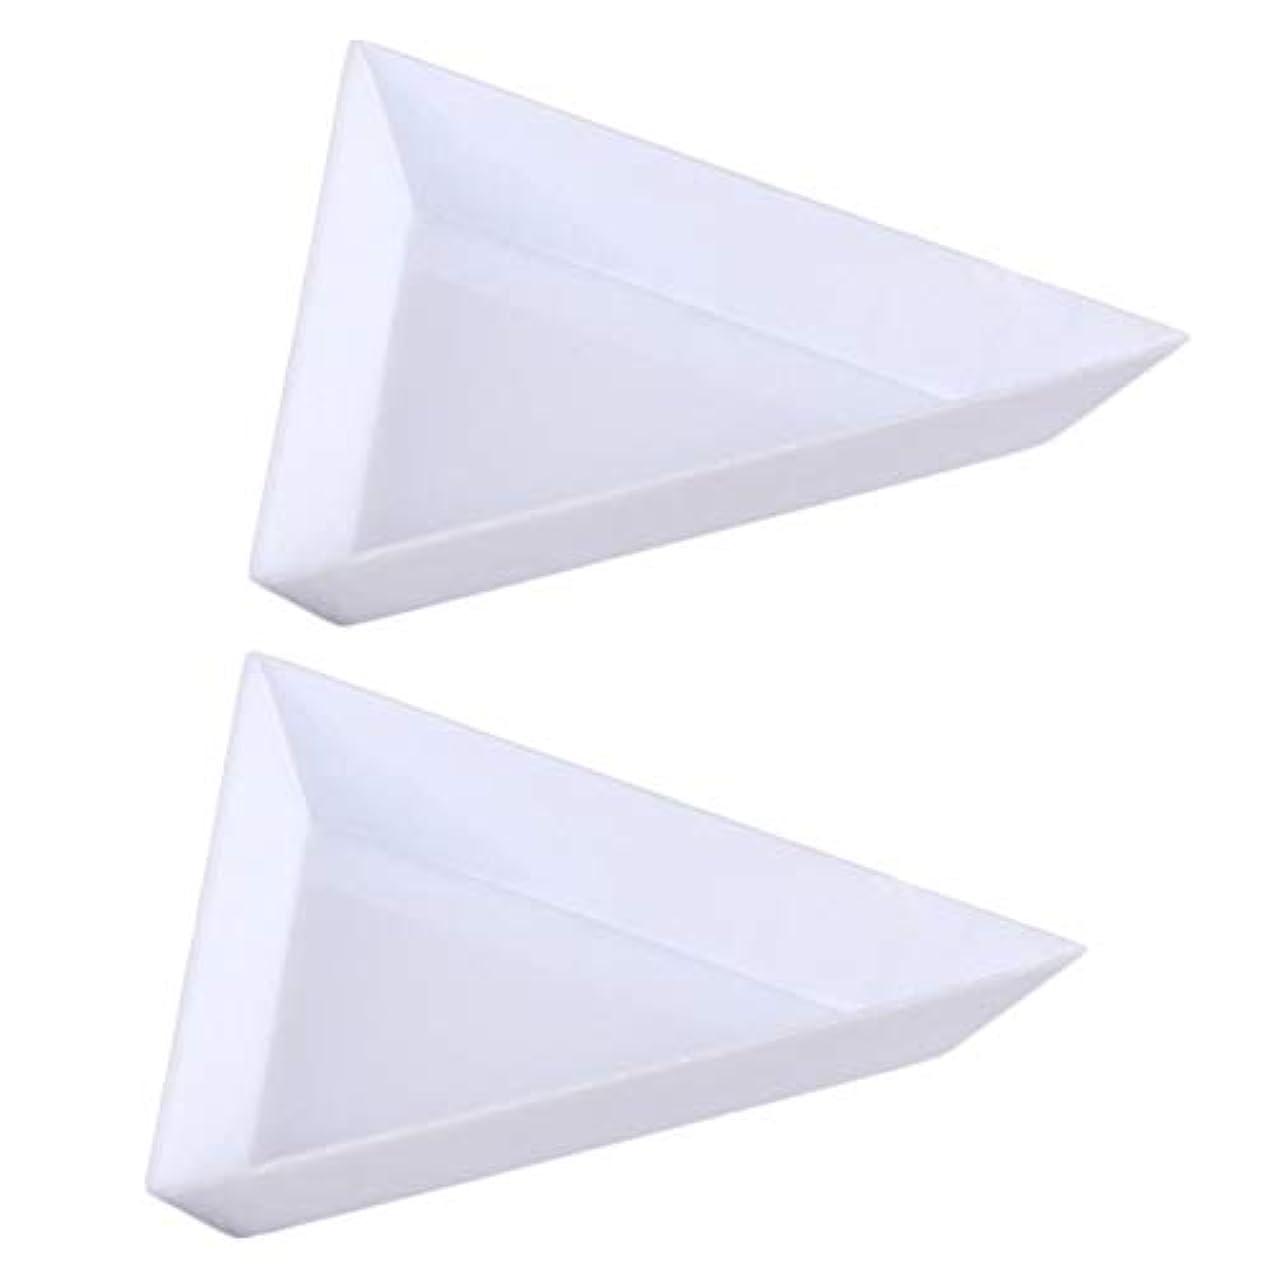 眠いです疑い者ヒューズTamkyo 10個三角コーナープラスチックラインストーンビーズ 結晶 ネイルアートソーティングトレイアクセサリー白 DiyネイルアートデコレーションDotting収納トレイ オーガニゼーションに最適